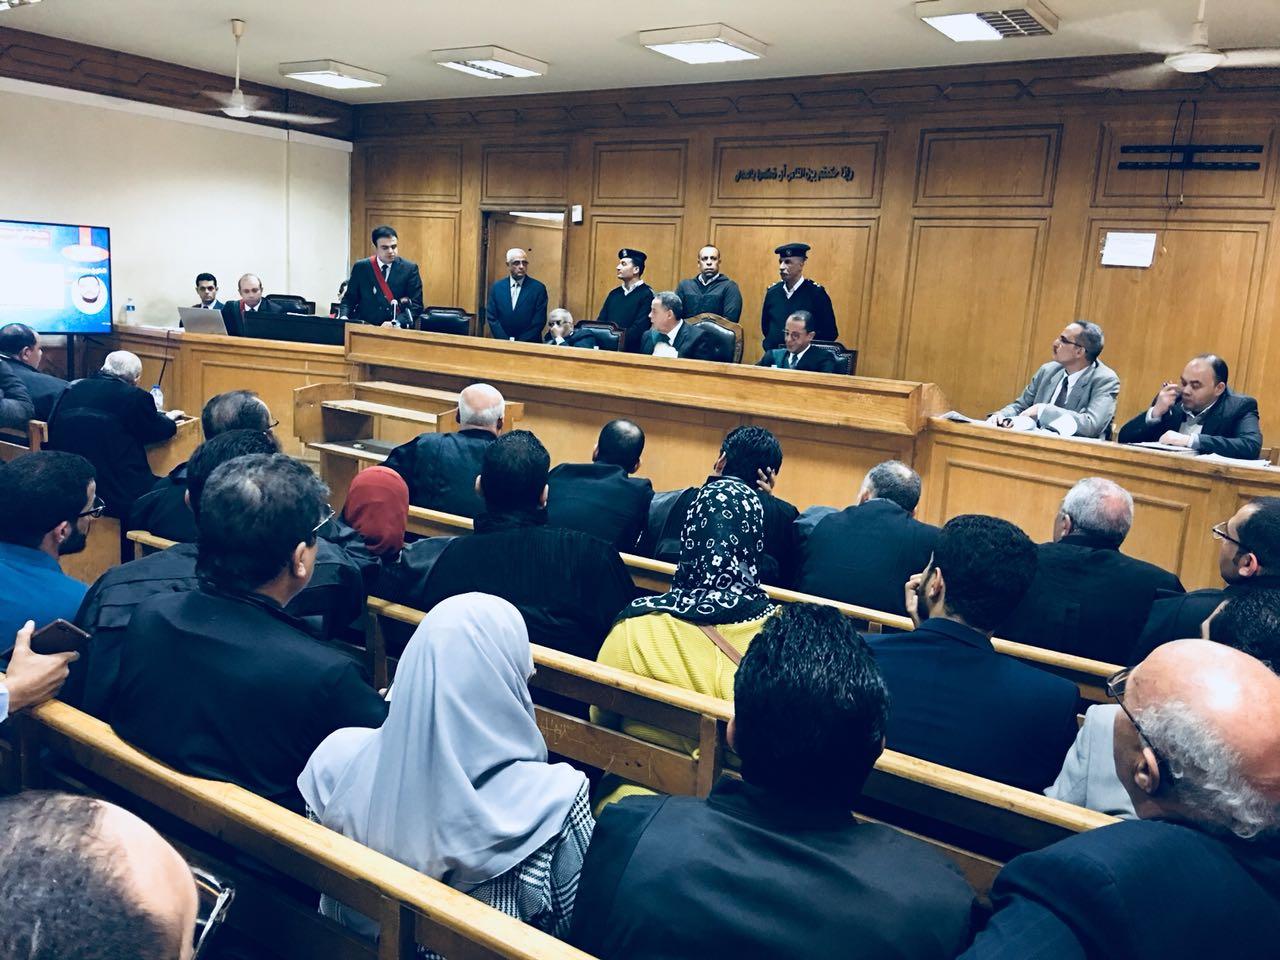 هيئة المحكمة اثناء الجلسة